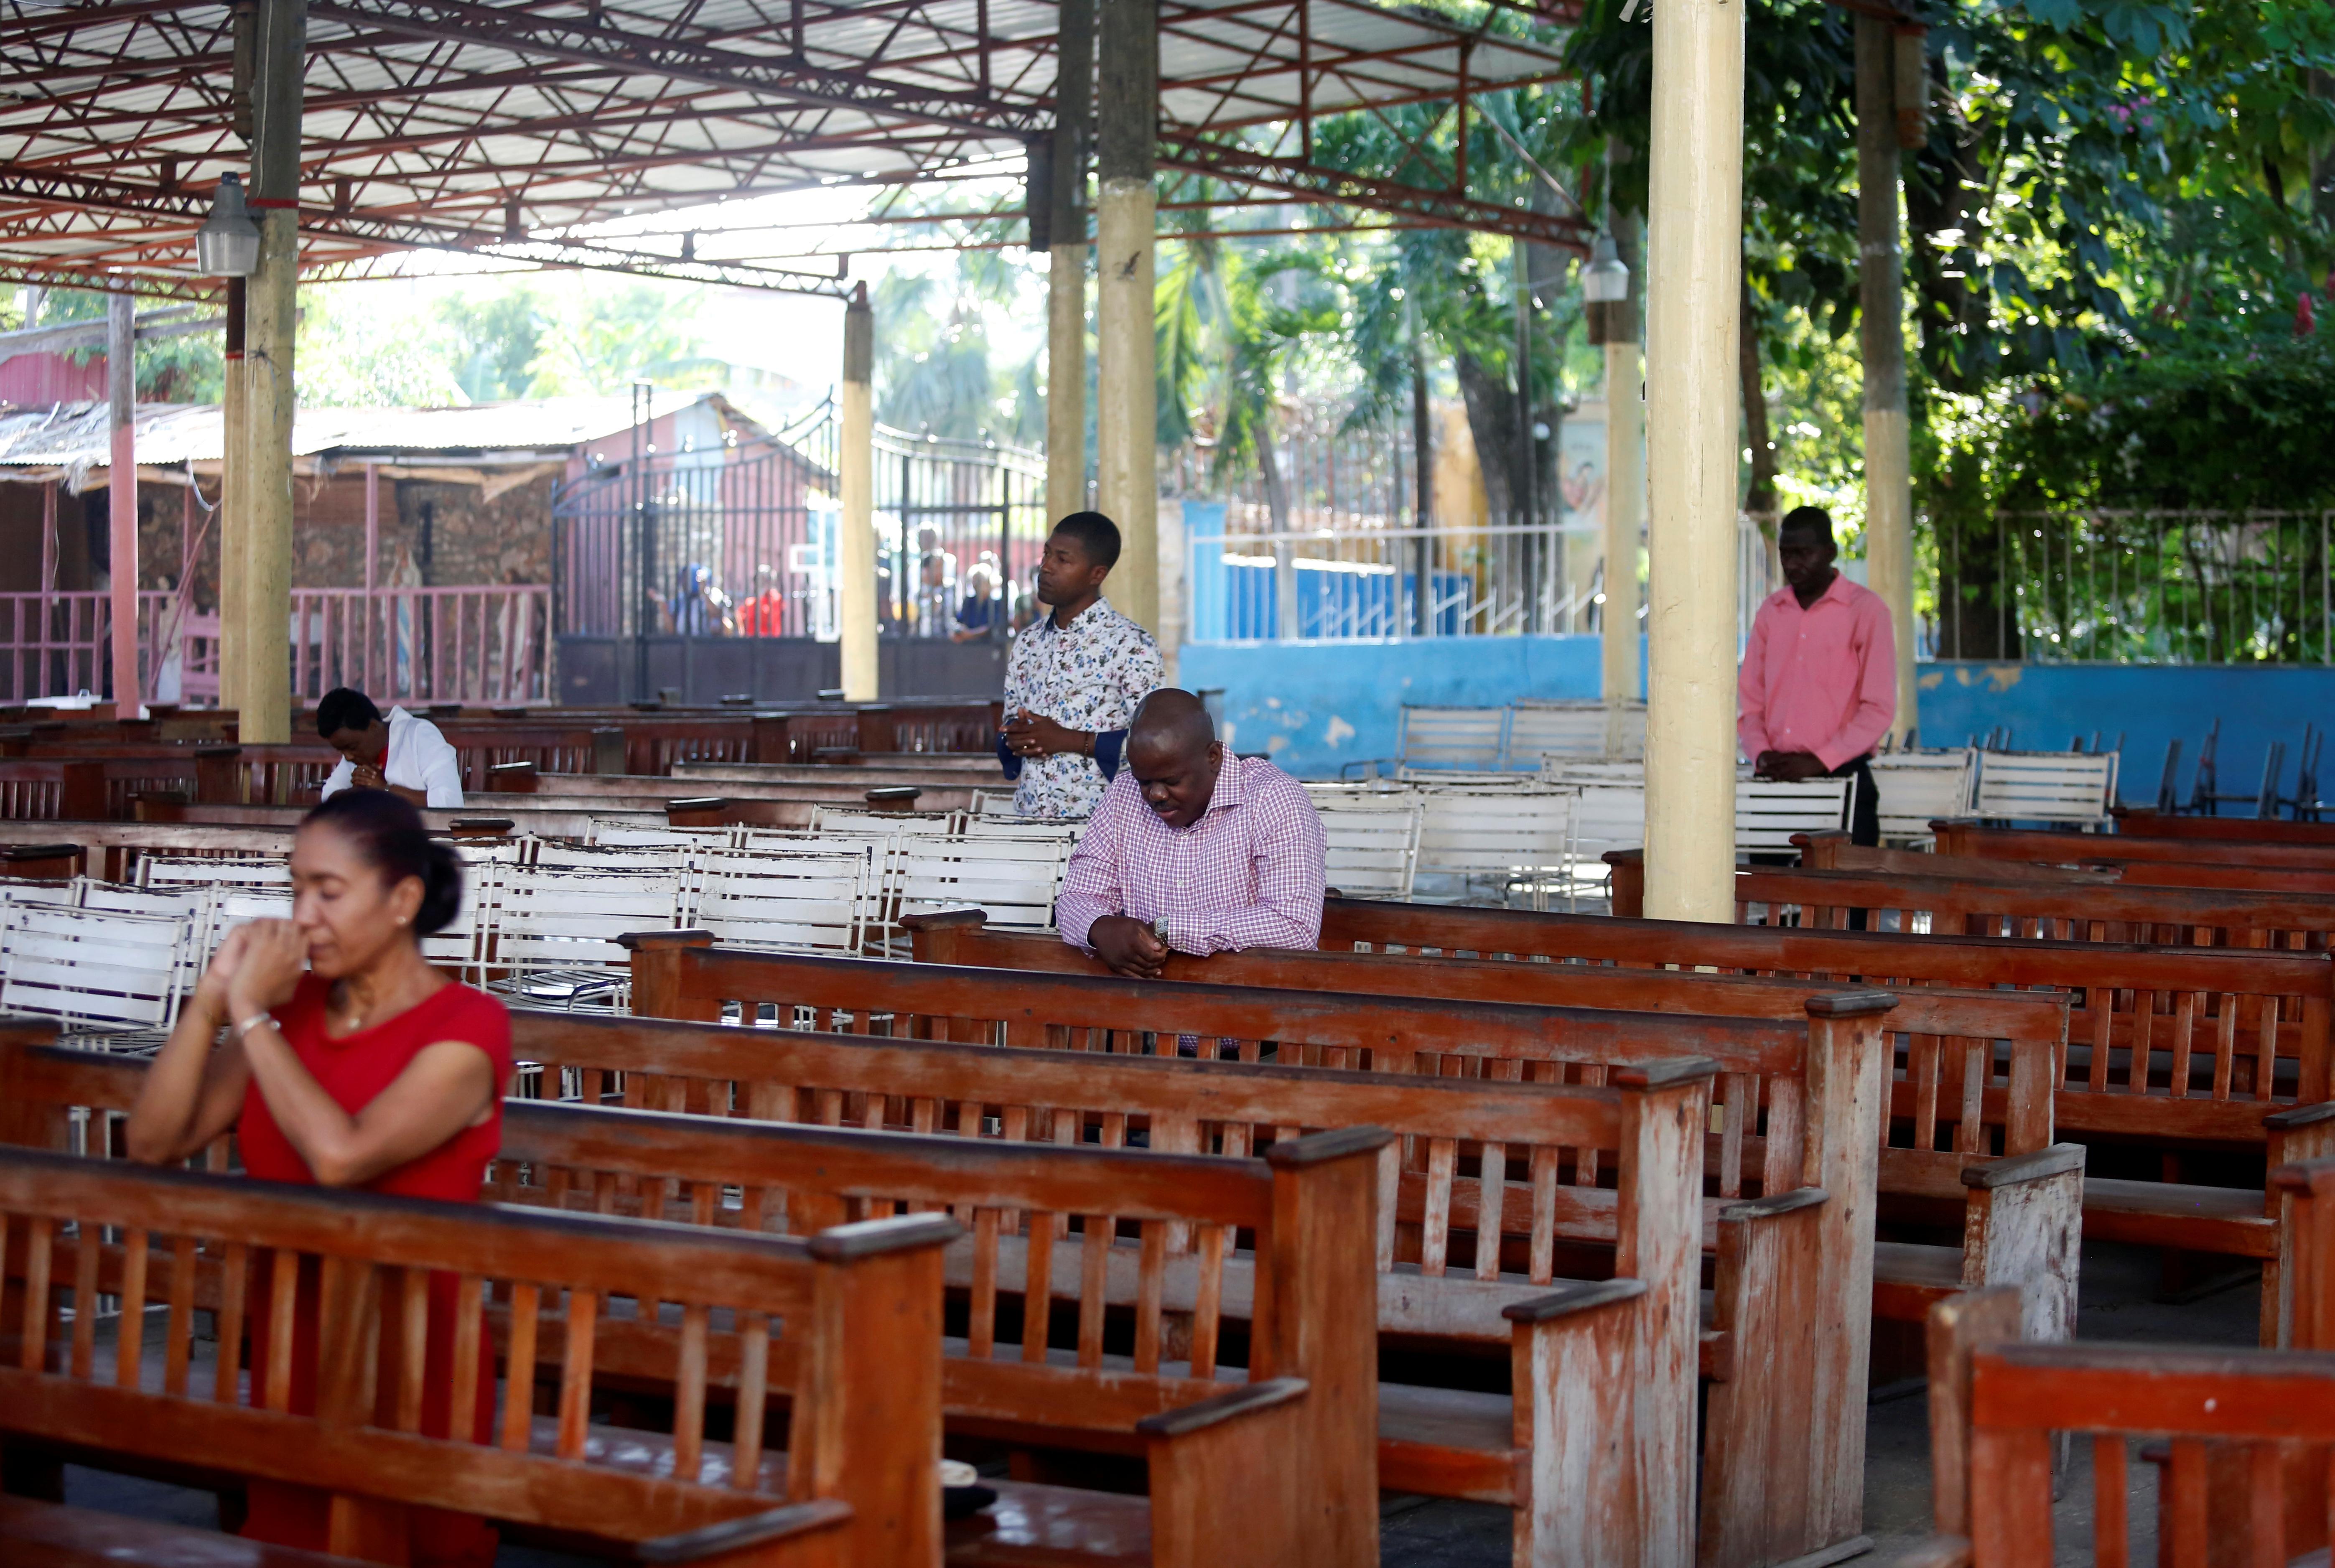 HAITI - Muchas personas se acercaron a presenciar la misa por Pascuas en Puerto Príncipe, una de las ciudades más importantes de Haití. Se les pidió distanciamiento social